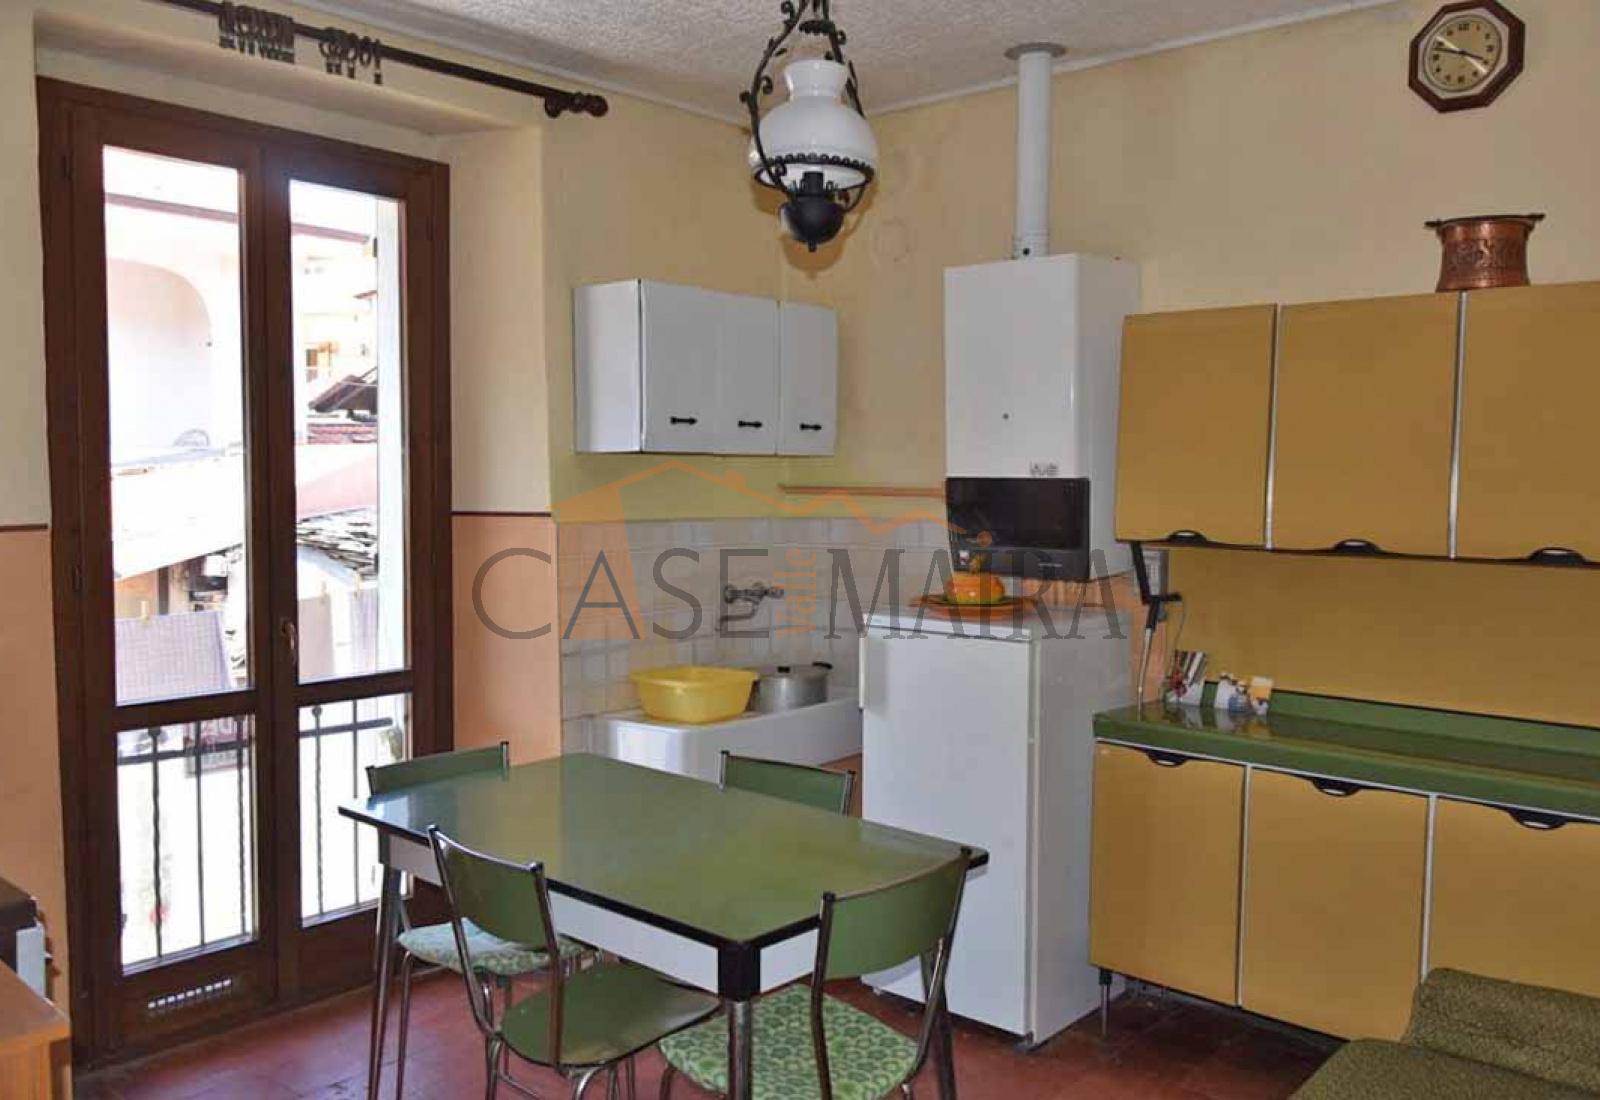 14A Via Cavour, DRONERO, 12025, 2 Stanze da Letto Stanze da Letto, ,Casa,In vendita,Via Cavour,1086